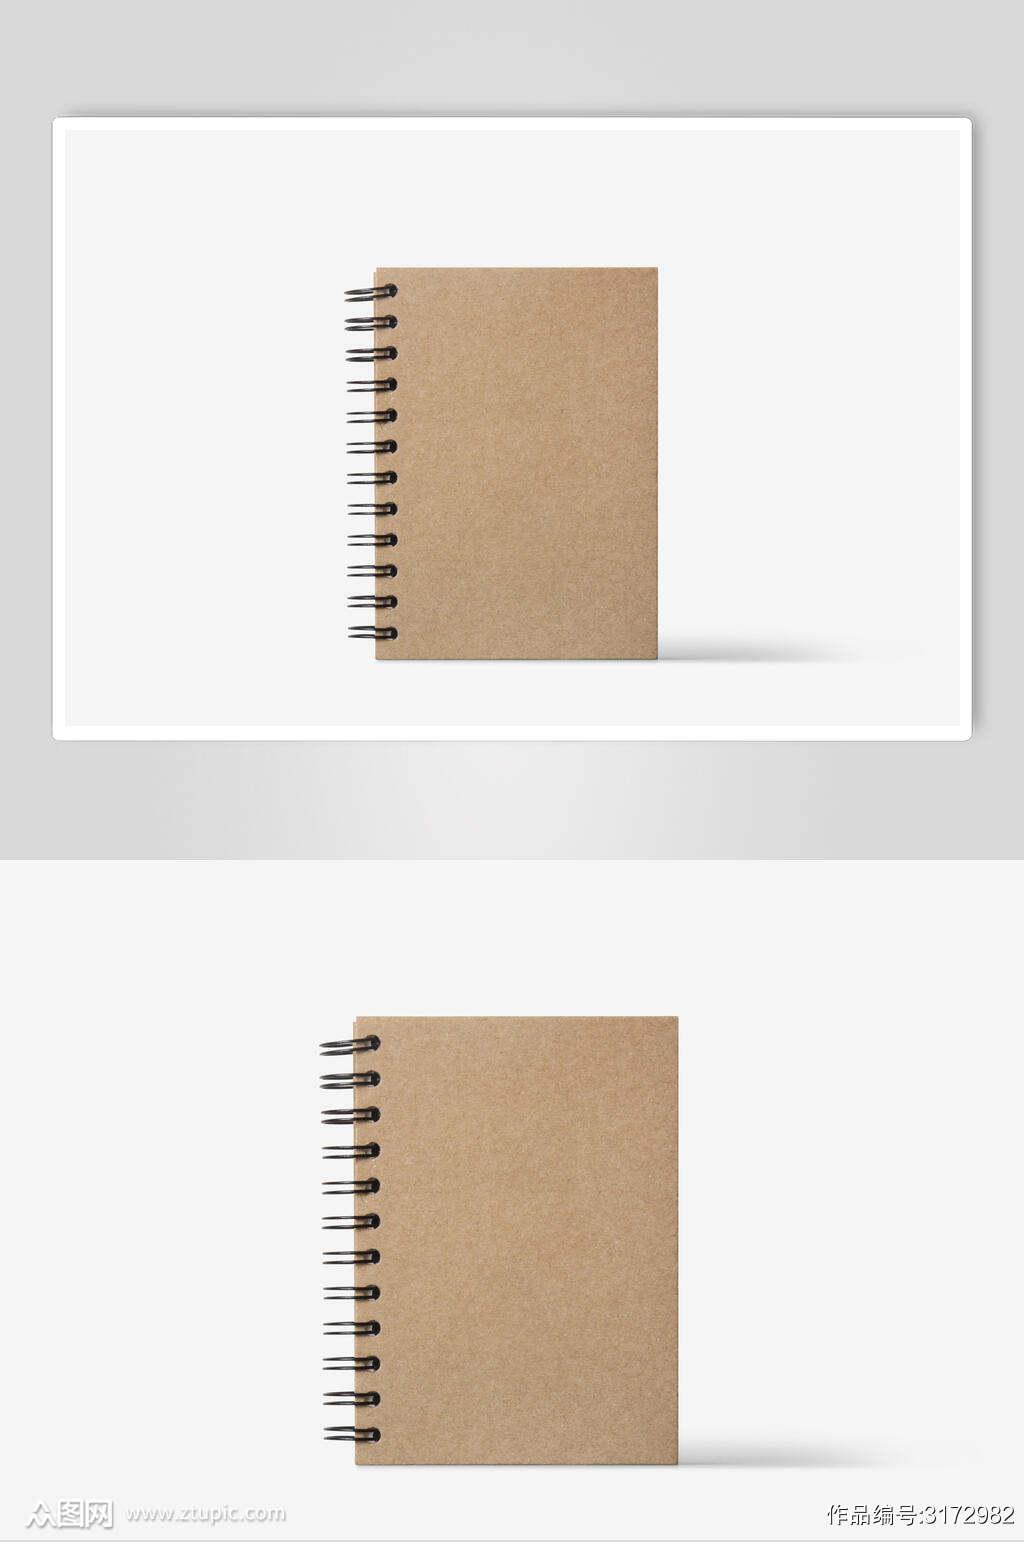 打孔笔记本低调简约文创样机素材